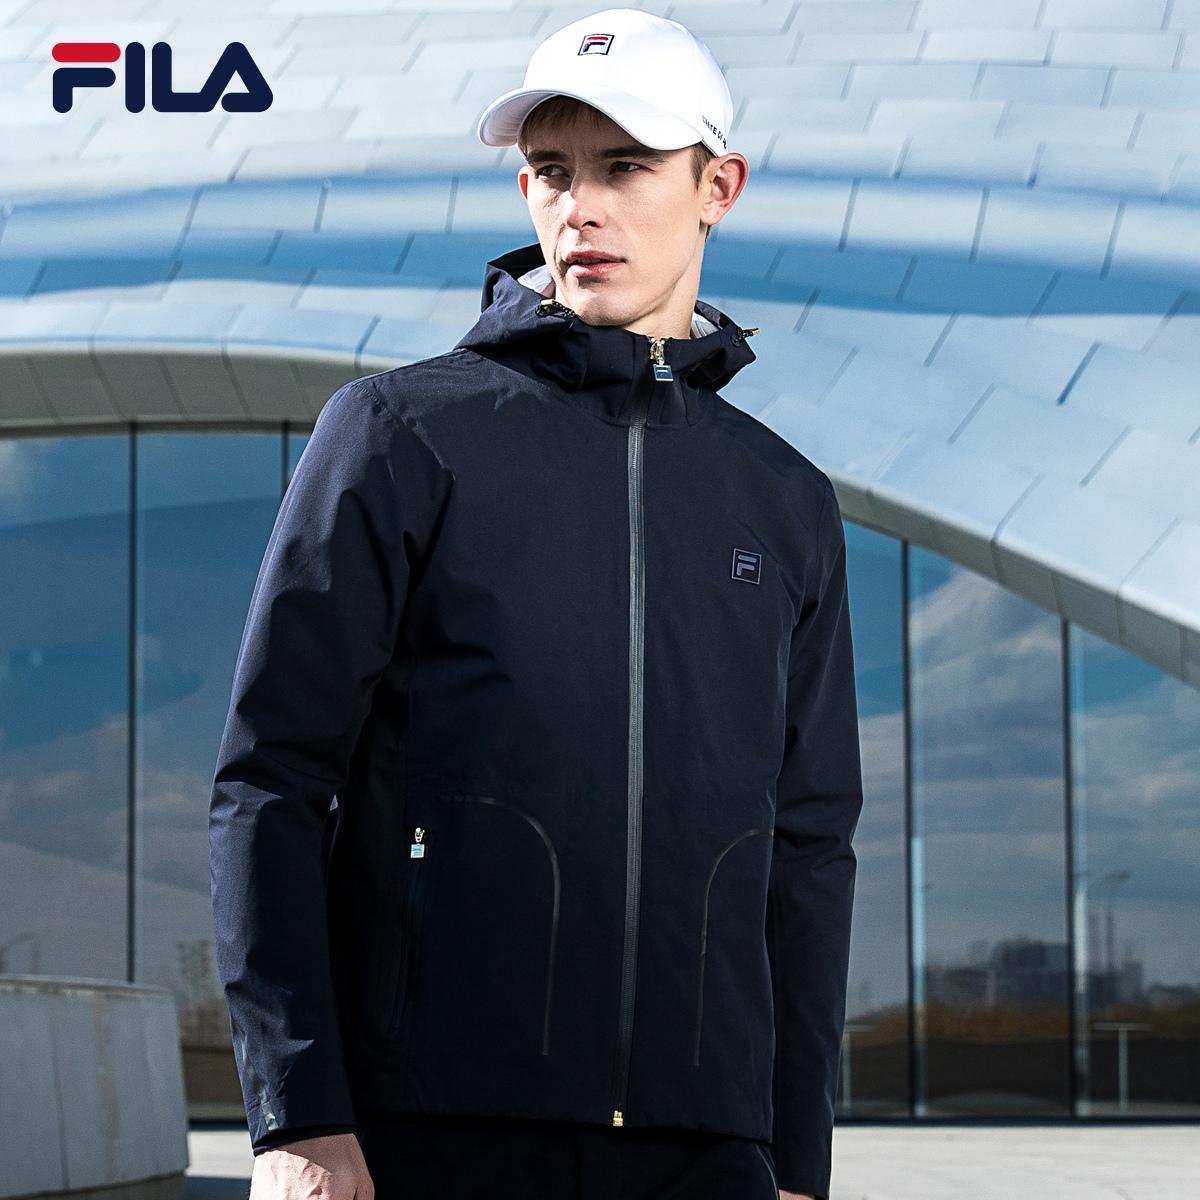 FILA斐樂男外套2018秋季新品梭織上衣挺括有型連帽運動外套男